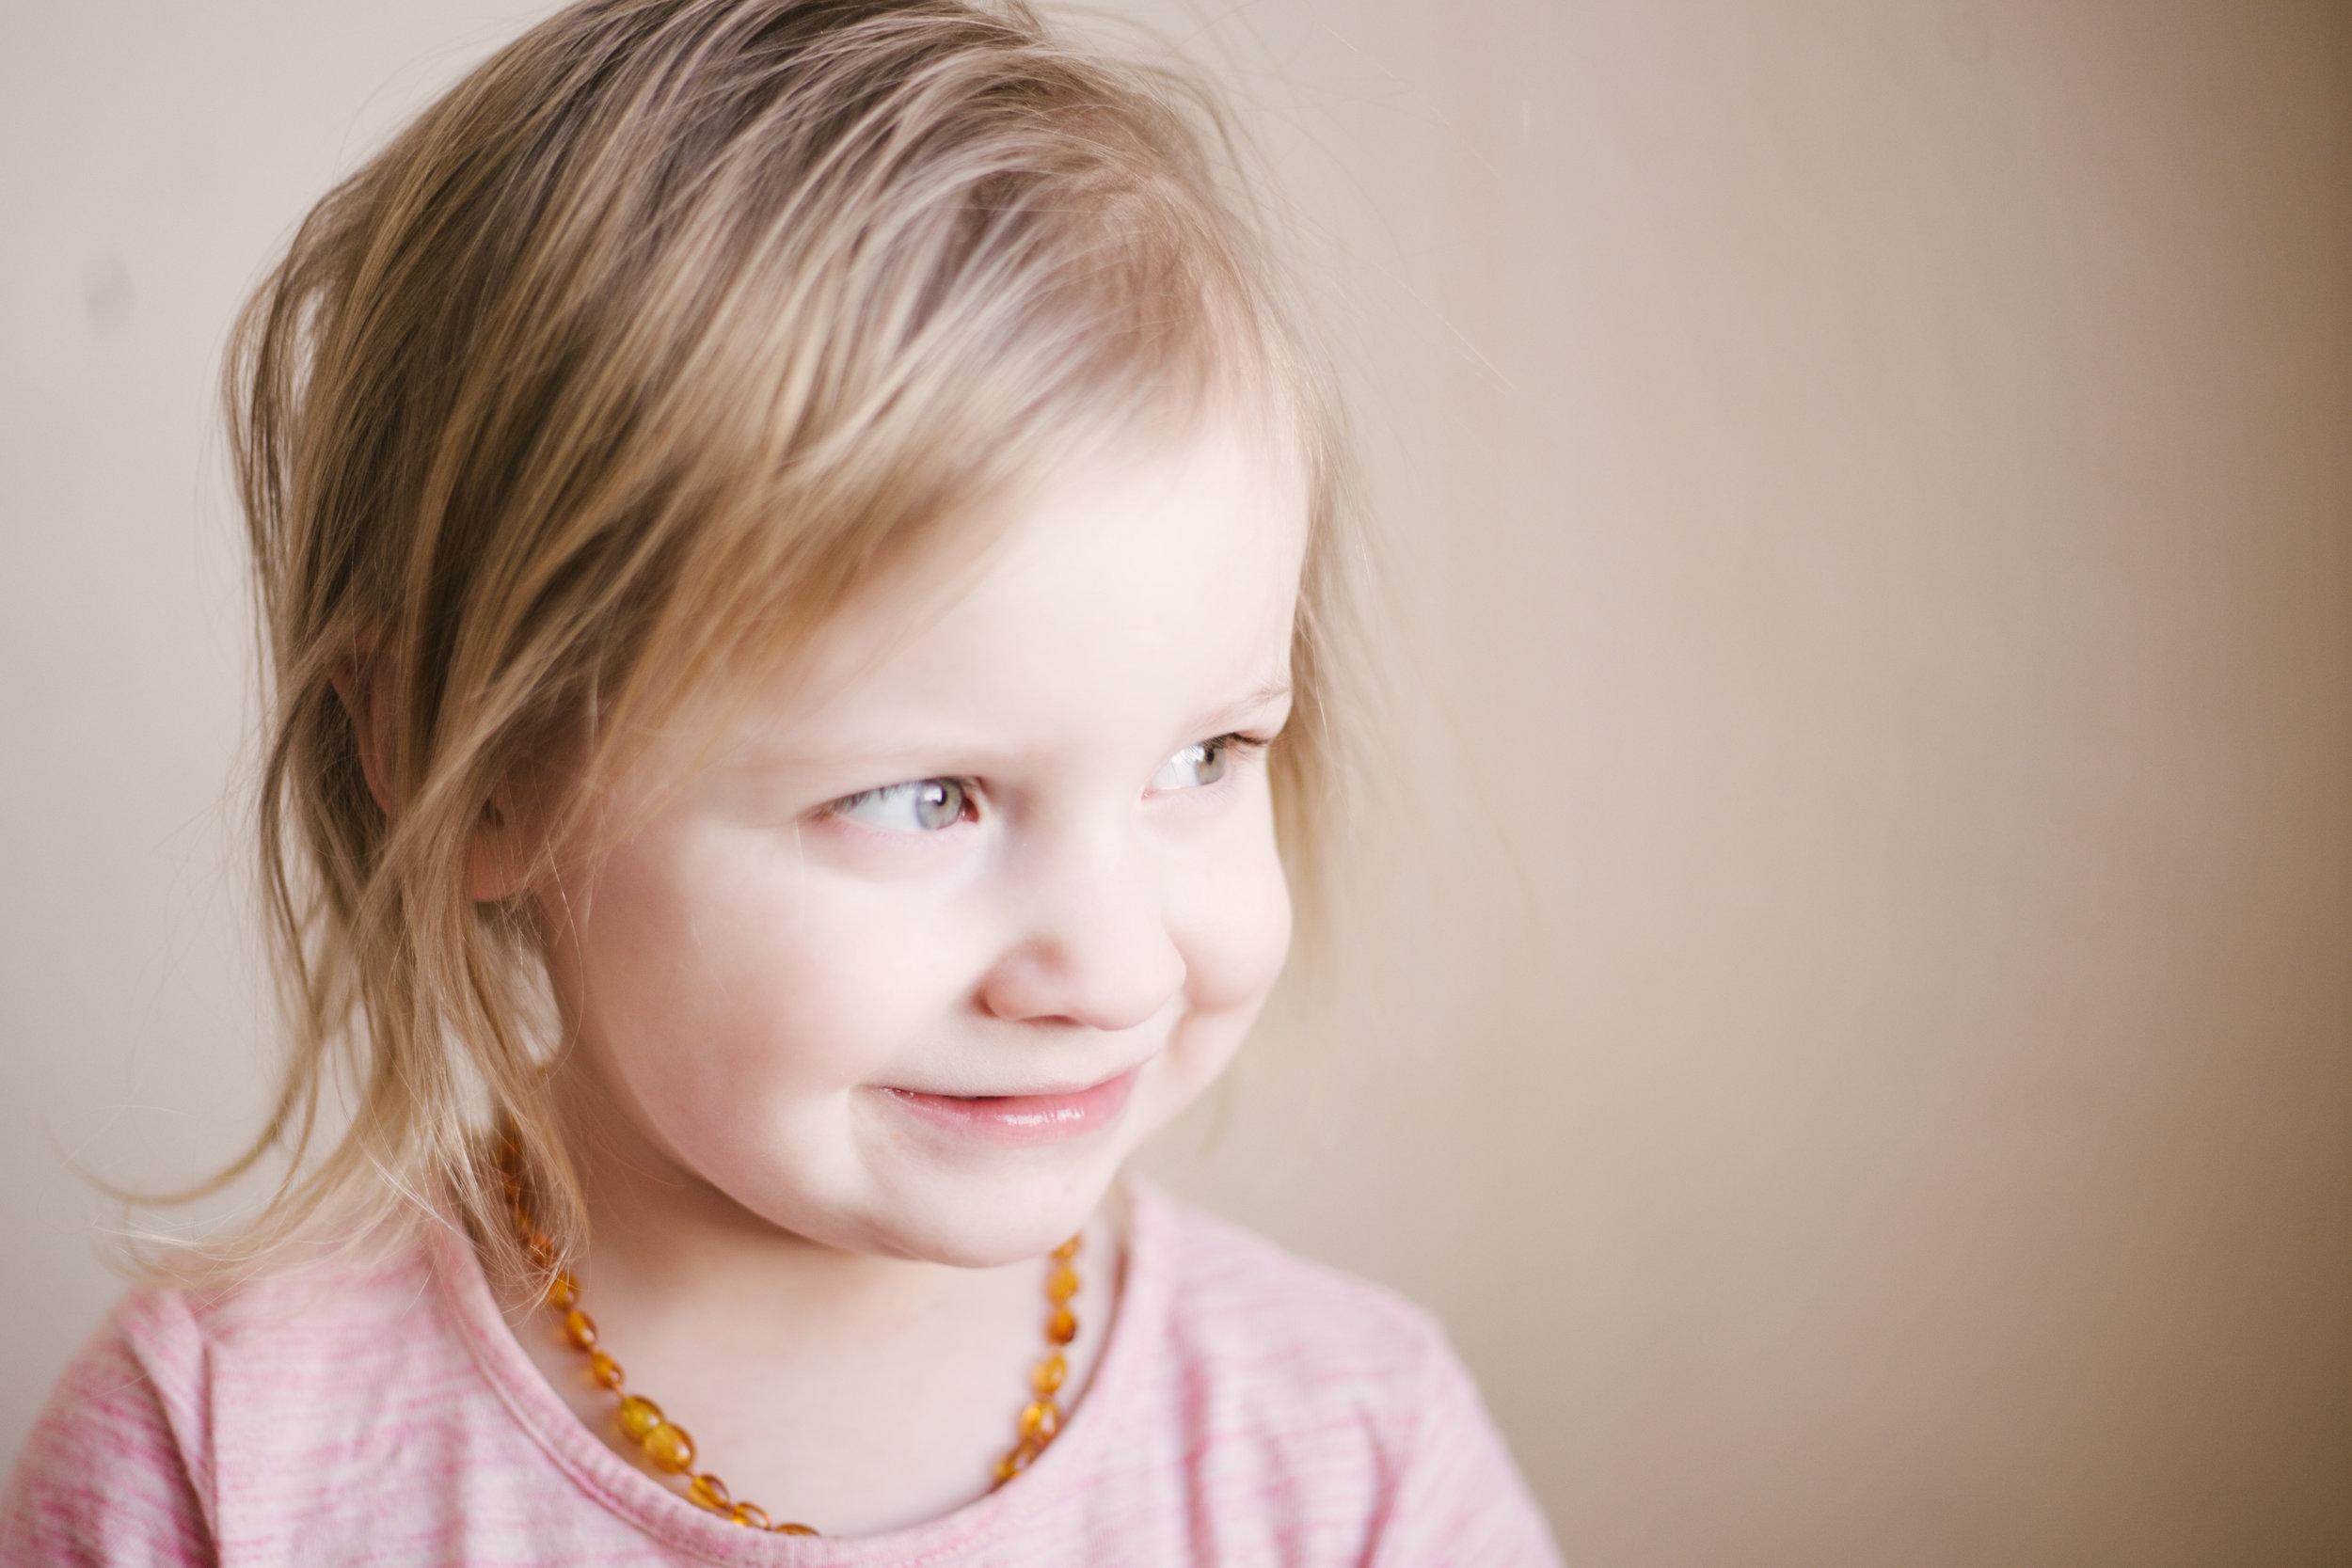 Montana, Pacific Northwest, Lifestyle Photographer - Hazel age 3 - Ashley Tintinger Photography -4.jpg